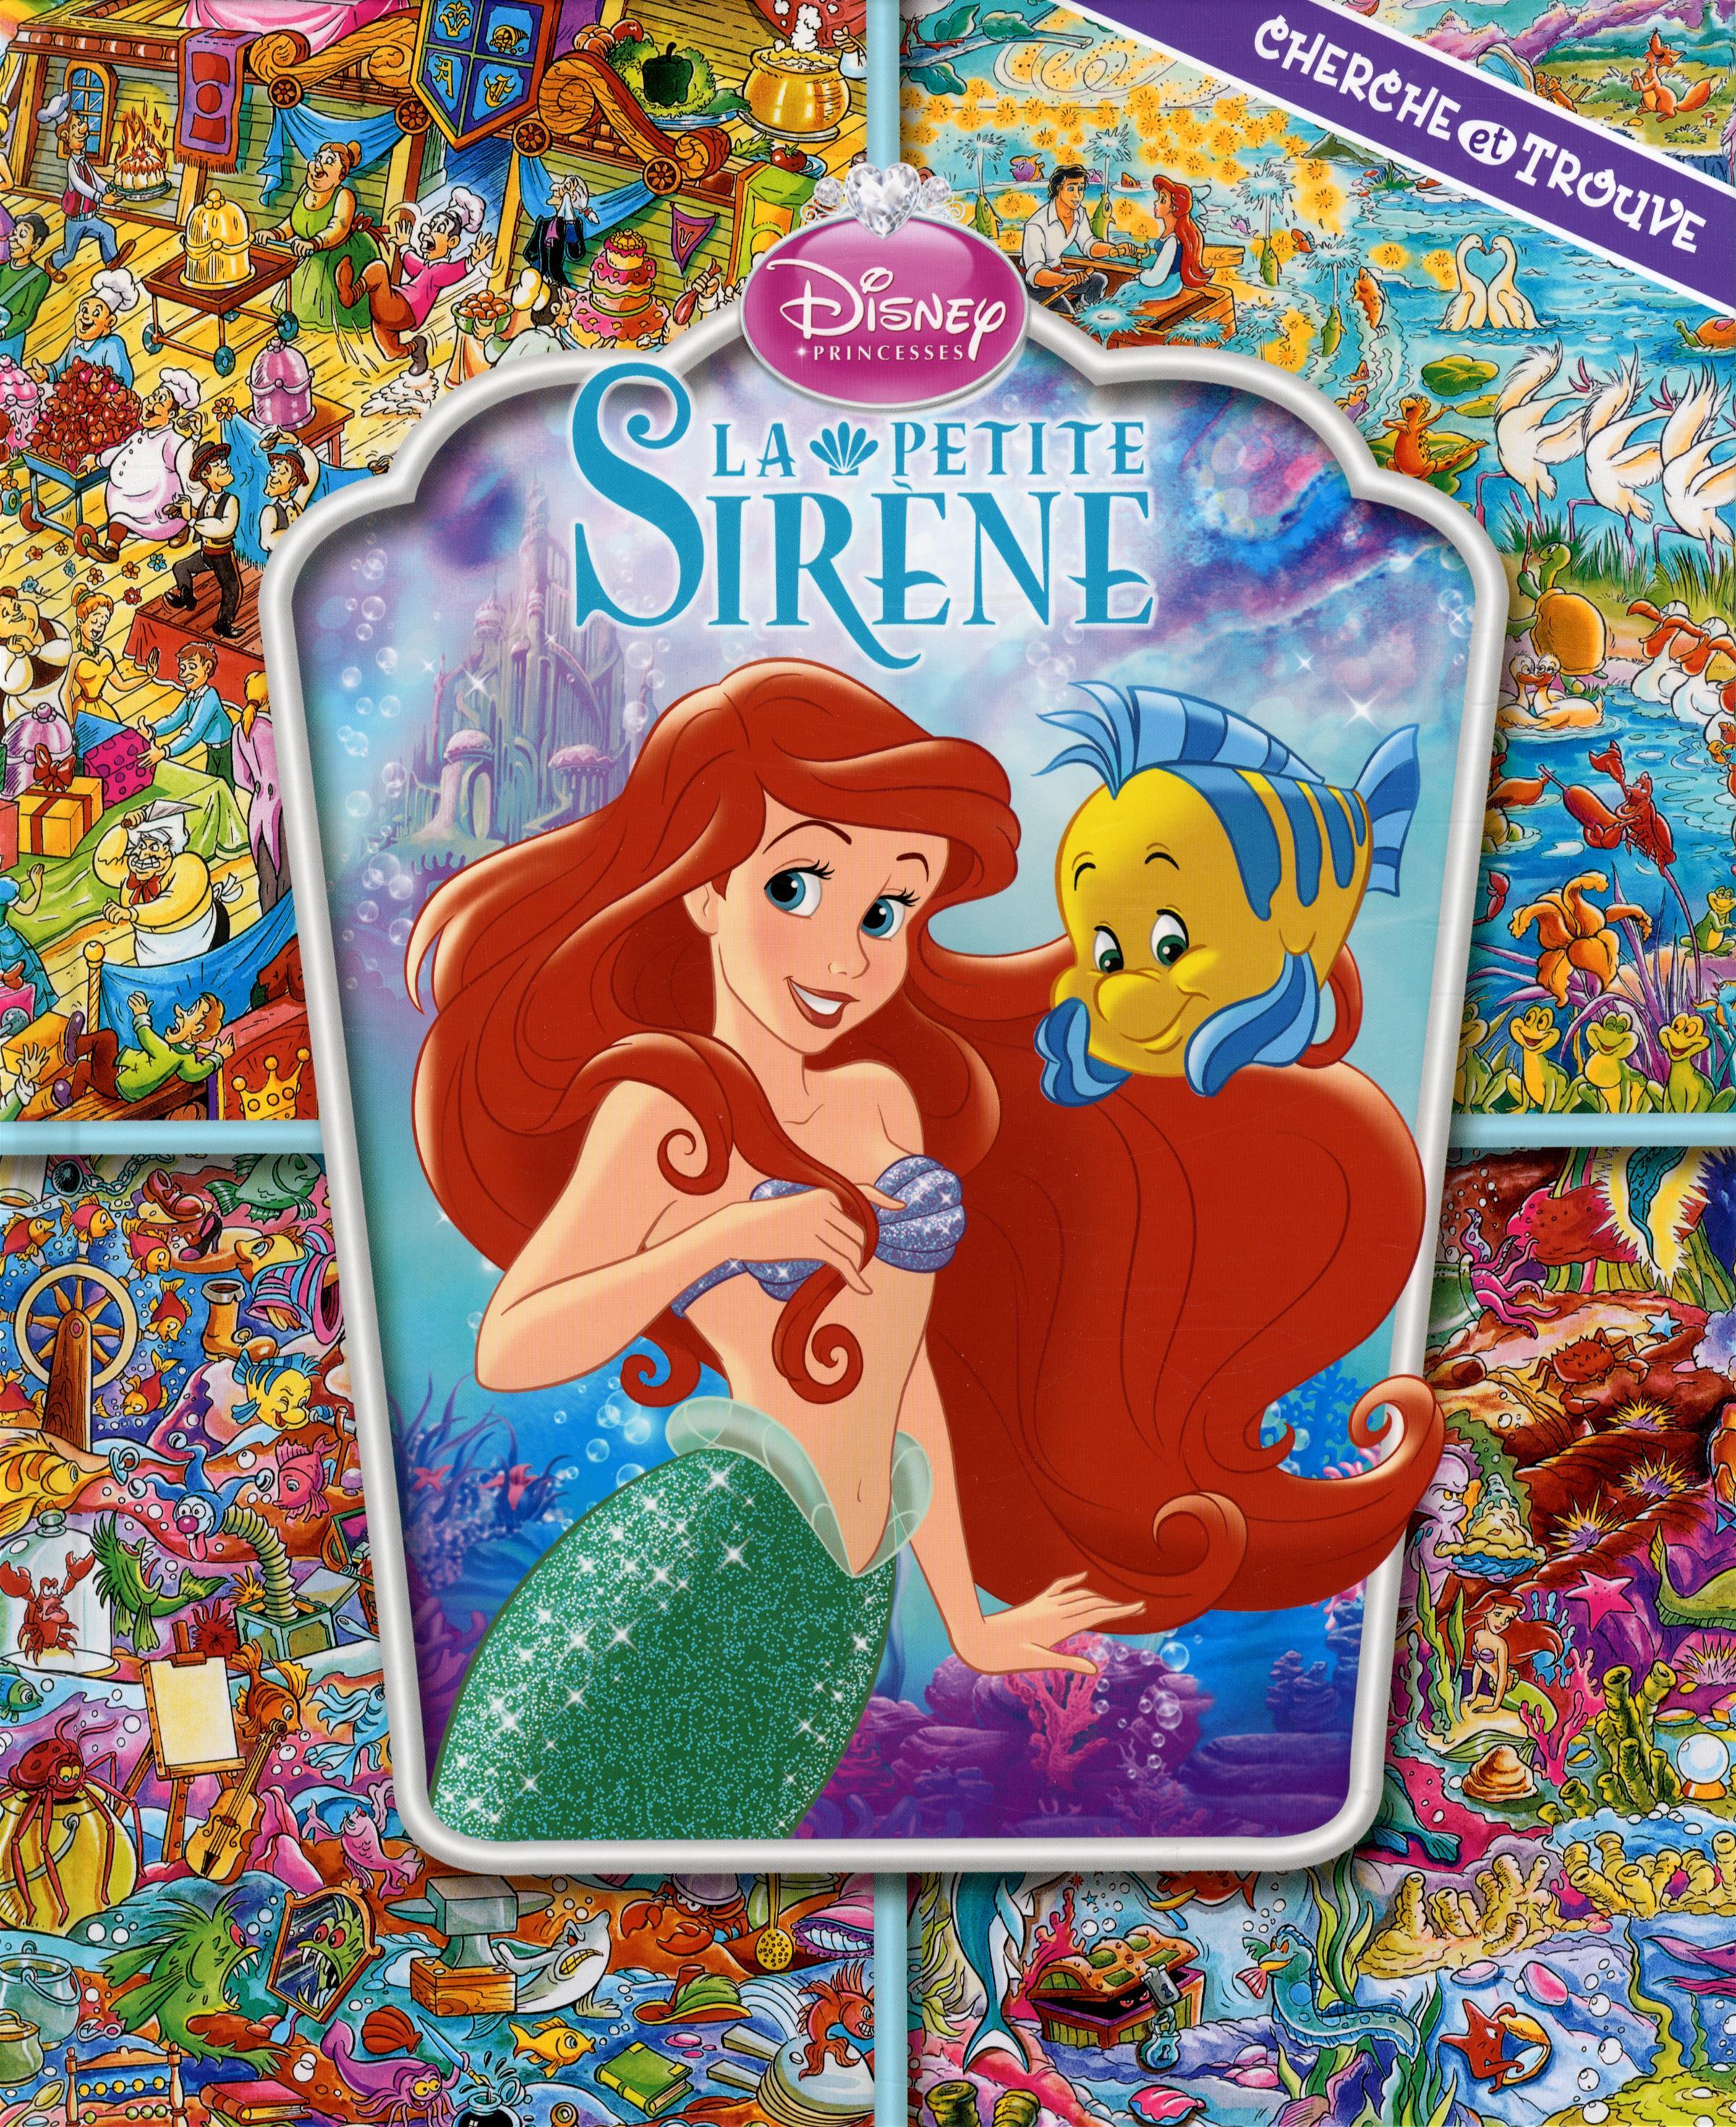 Livre La Petite Sirene Cherche Et Trouve Messageries Adp